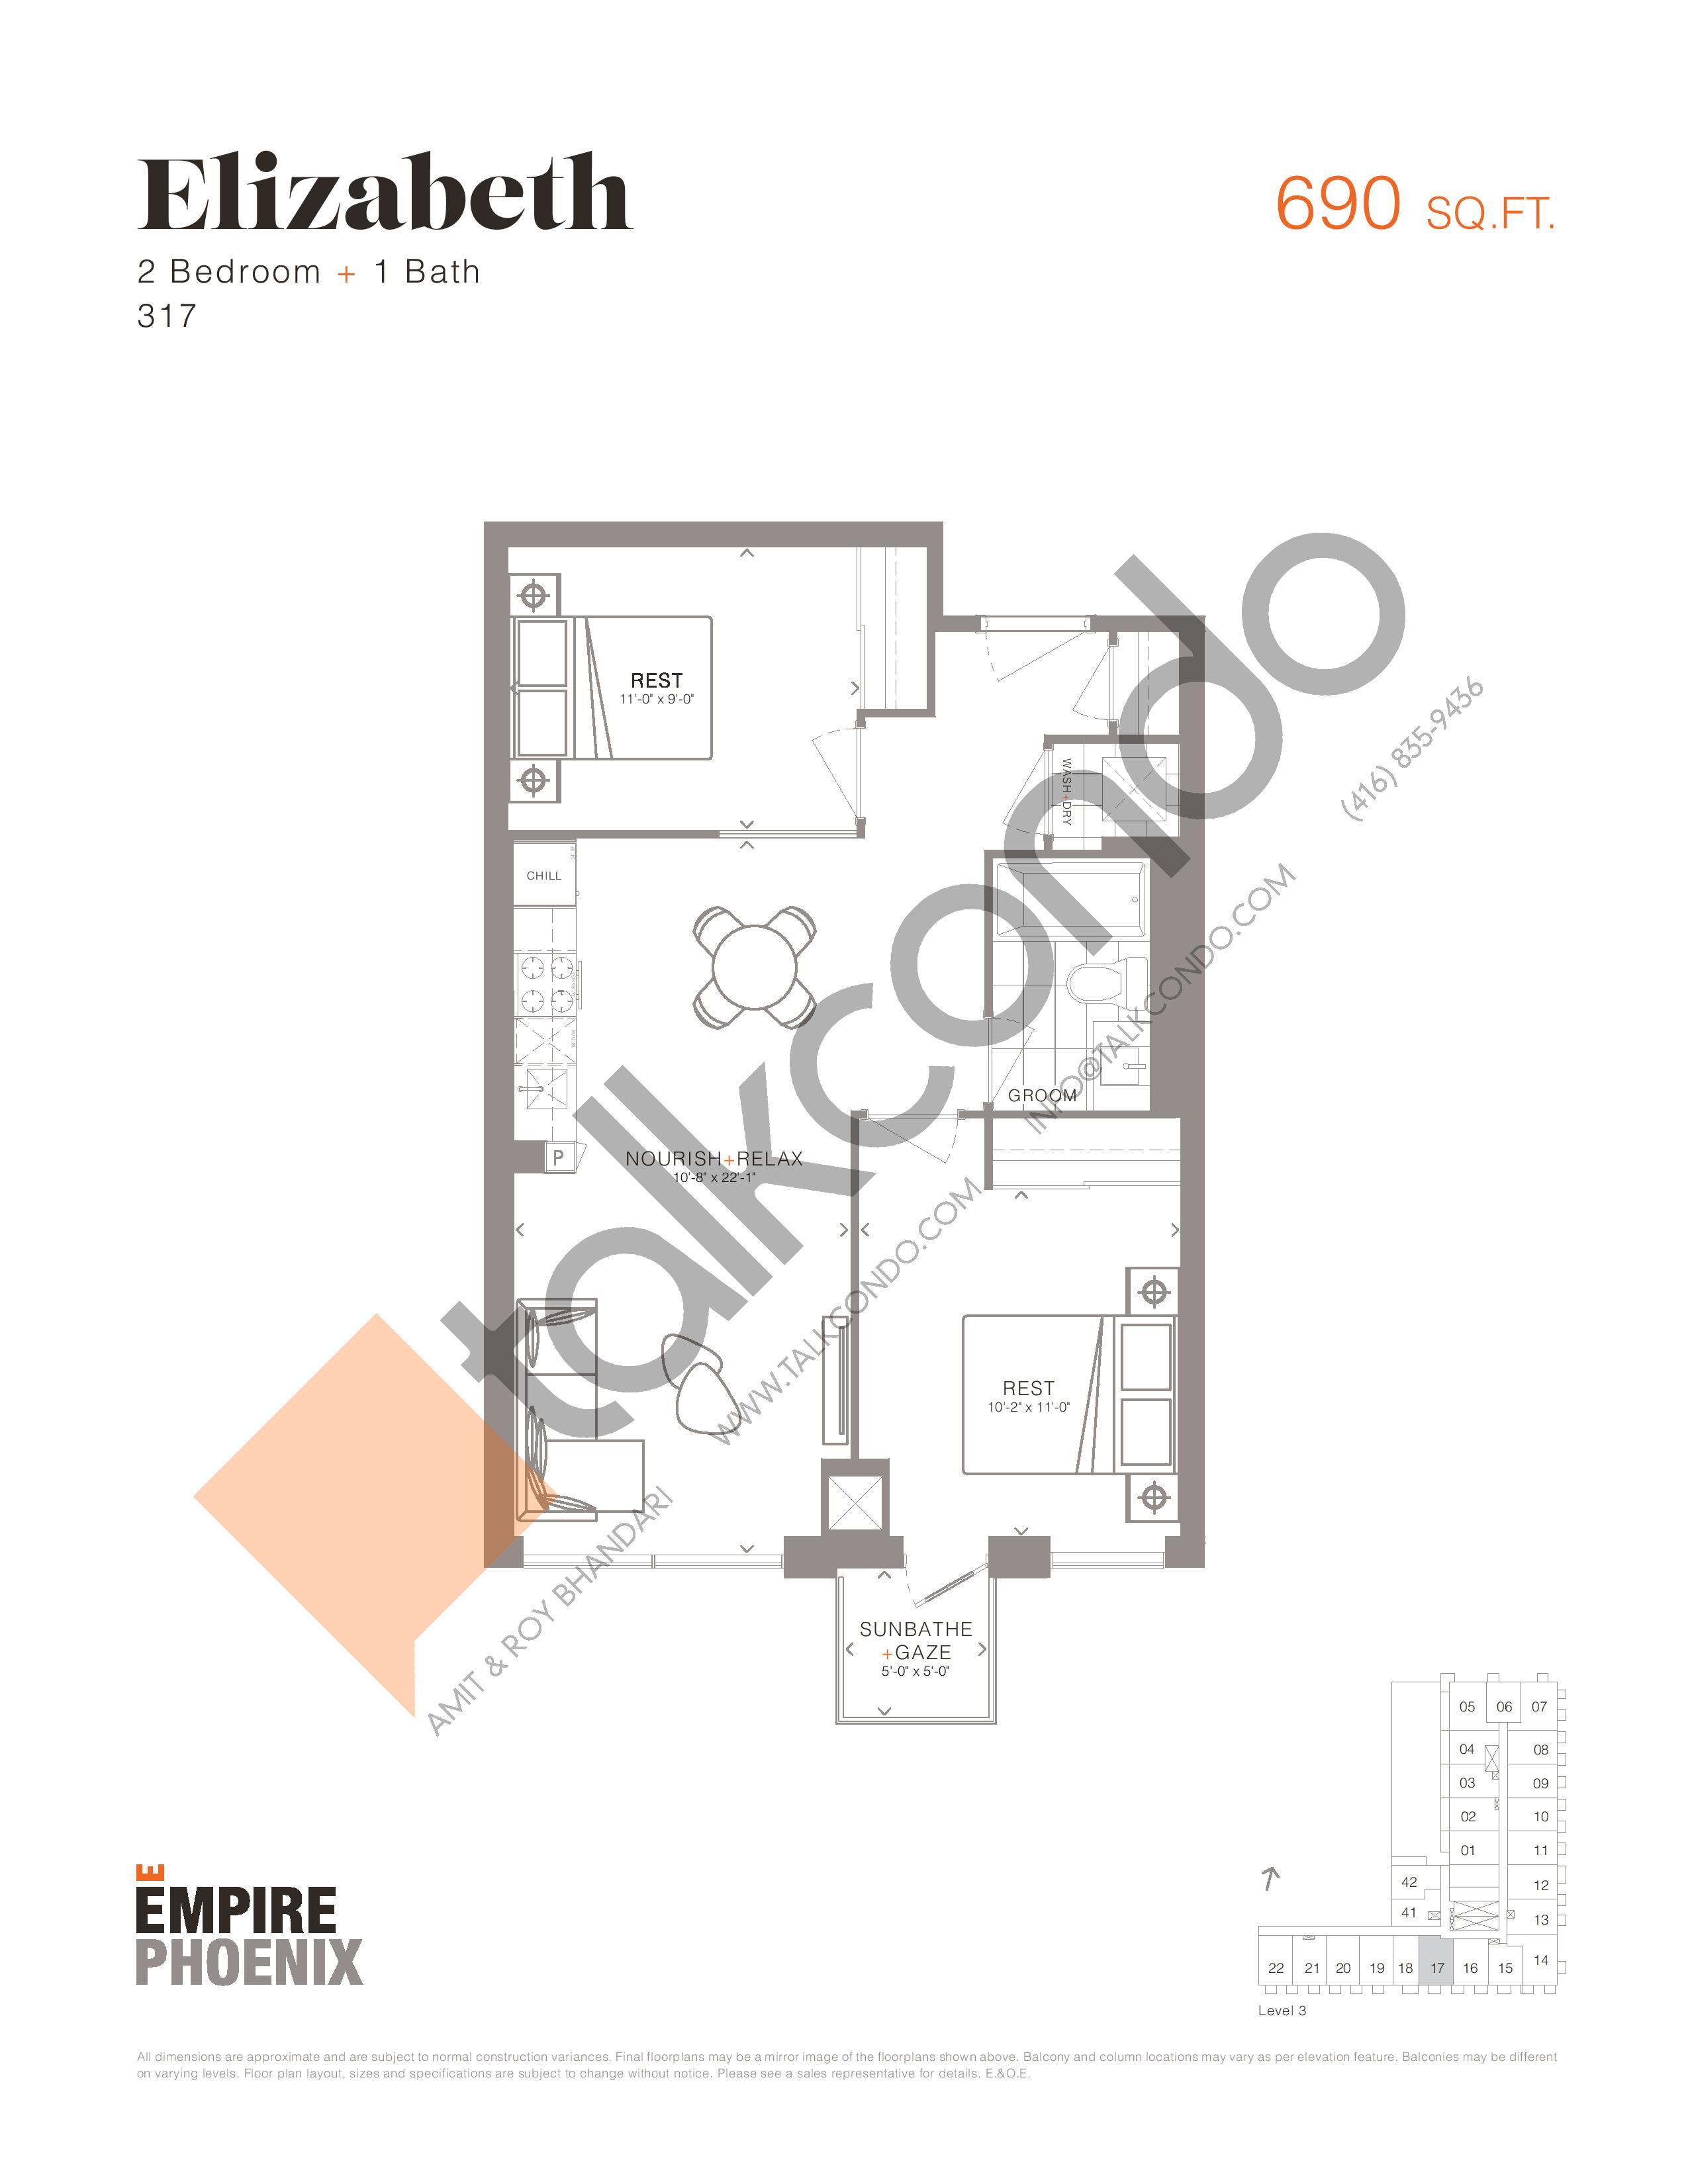 Elizabeth Floor Plan at Empire Phoenix Condos - 690 sq.ft